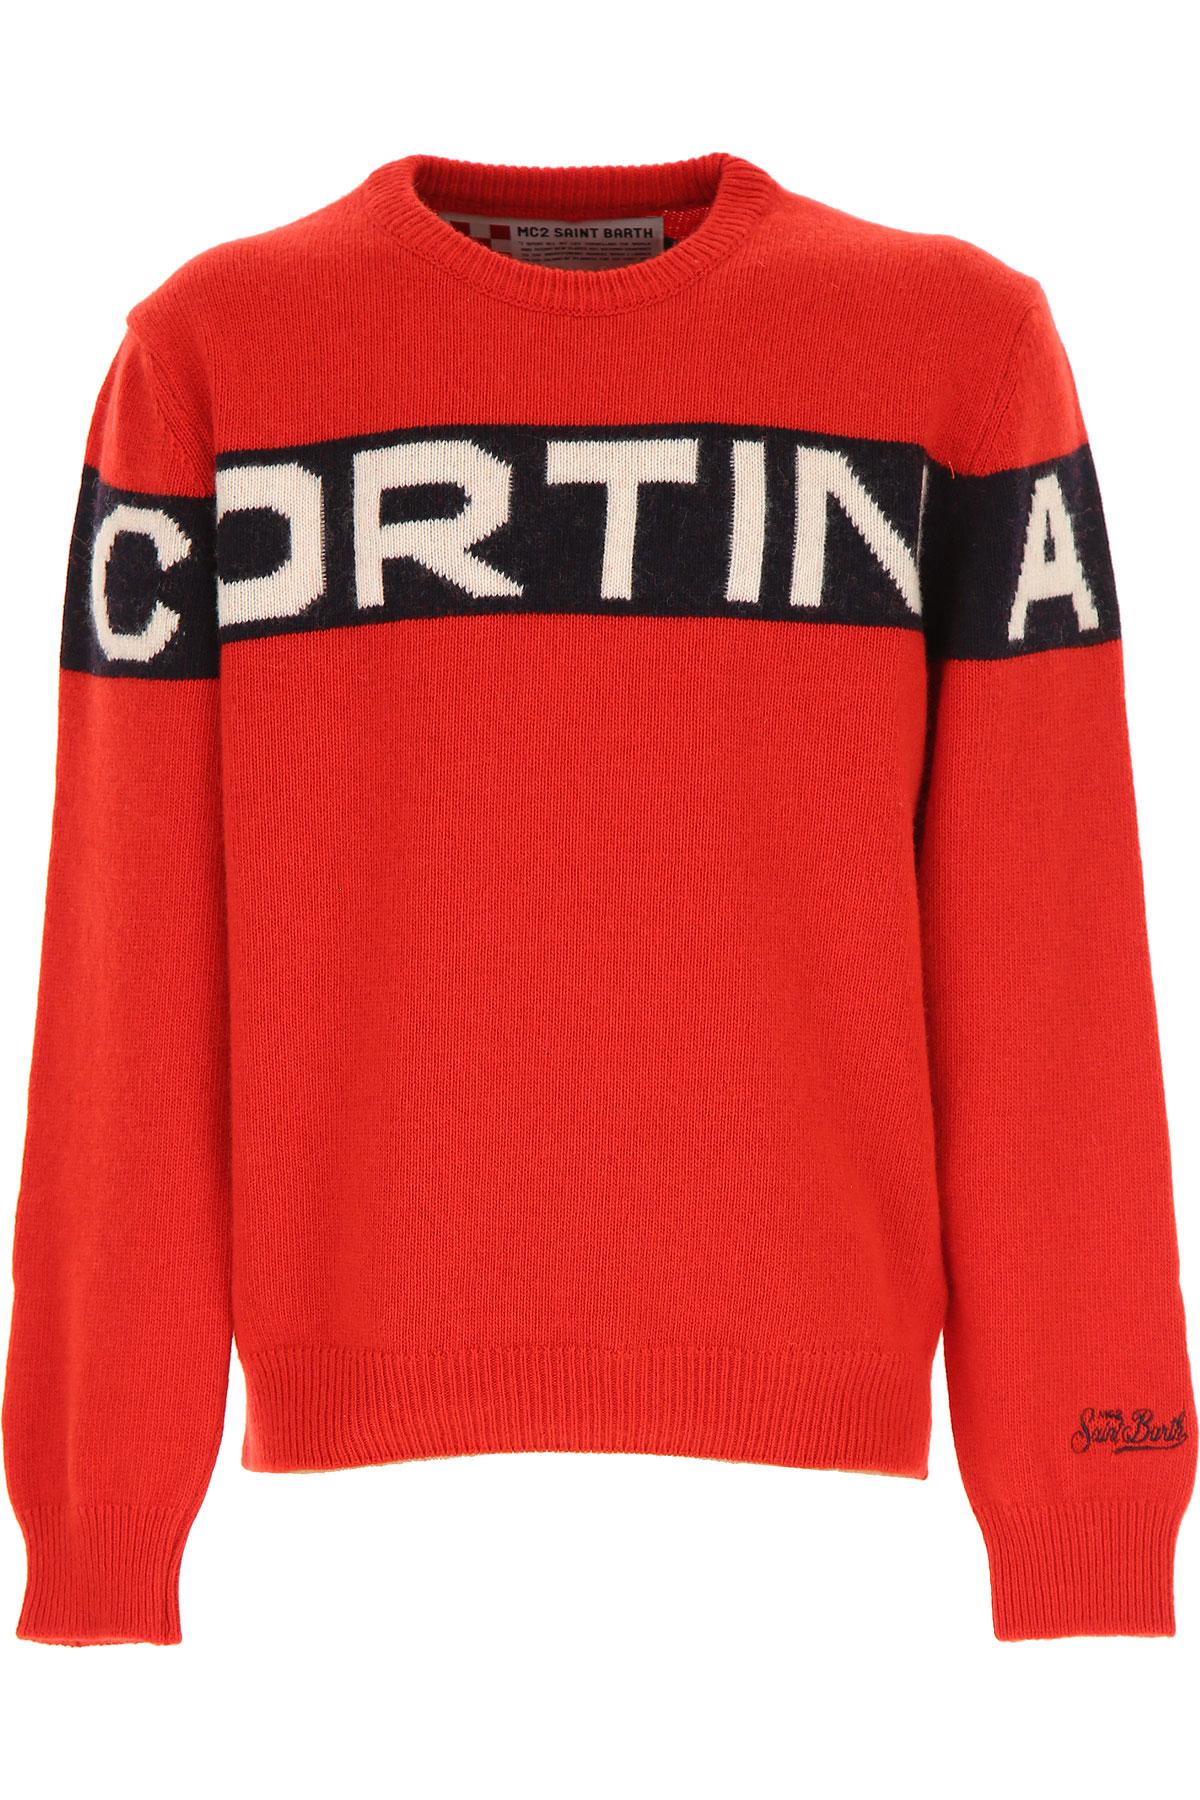 Mc2 Saint Barth Kids Sweaters for Boys On Sale, Red, Wool, 2019, 10Y 12Y 14Y 16Y 2Y 4Y 6Y 8Y